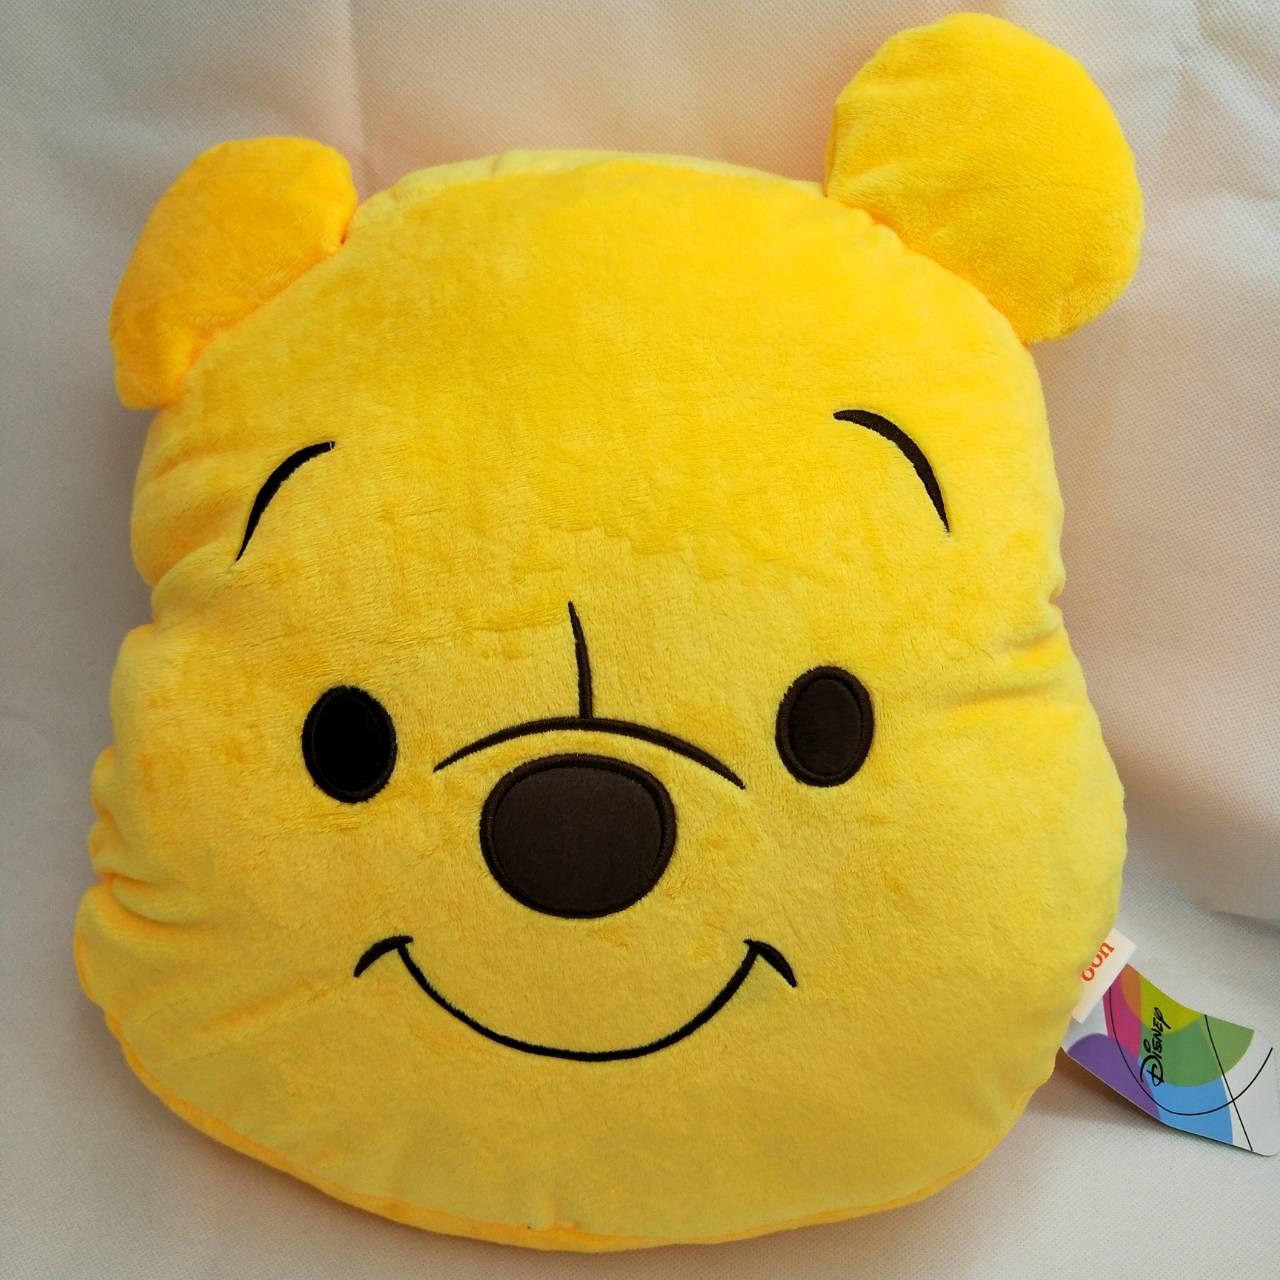 大賀屋 正版 維尼 暖手 枕頭 抱枕 娃娃 頸枕 擺飾 靠枕 暖手枕 迪士尼 維尼熊 午安枕 T00120465